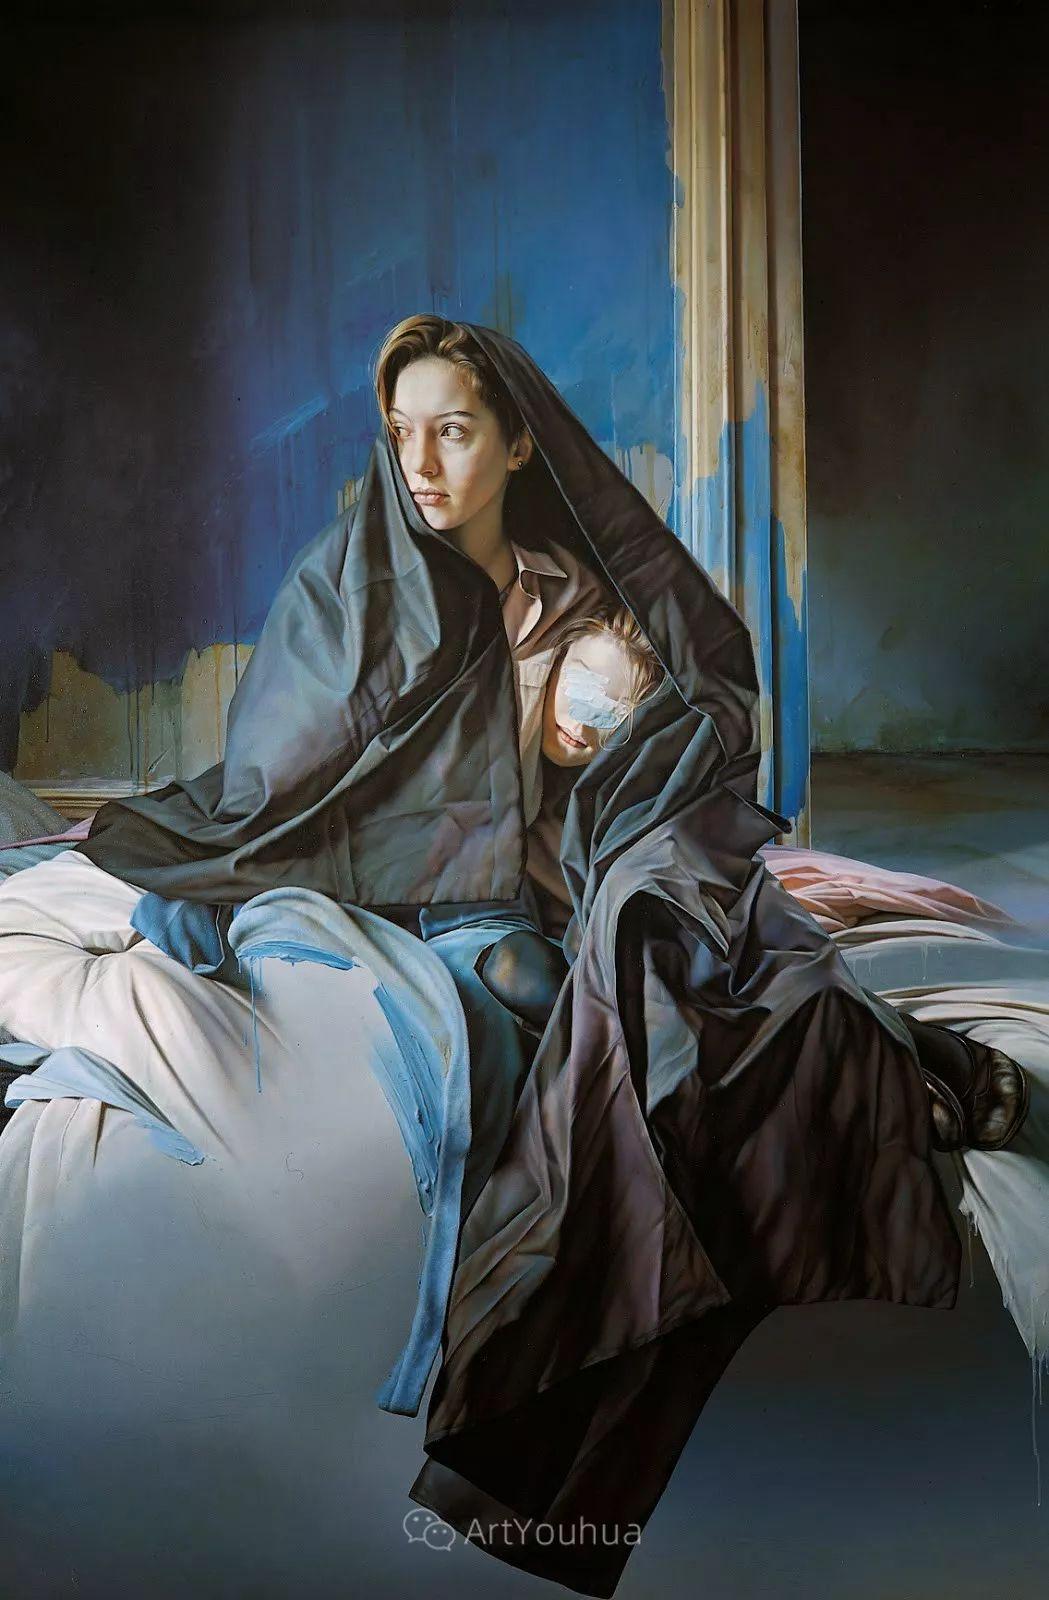 他以细腻的画风享誉国际画坛,笔下的女性大多涩苦幽情插图21